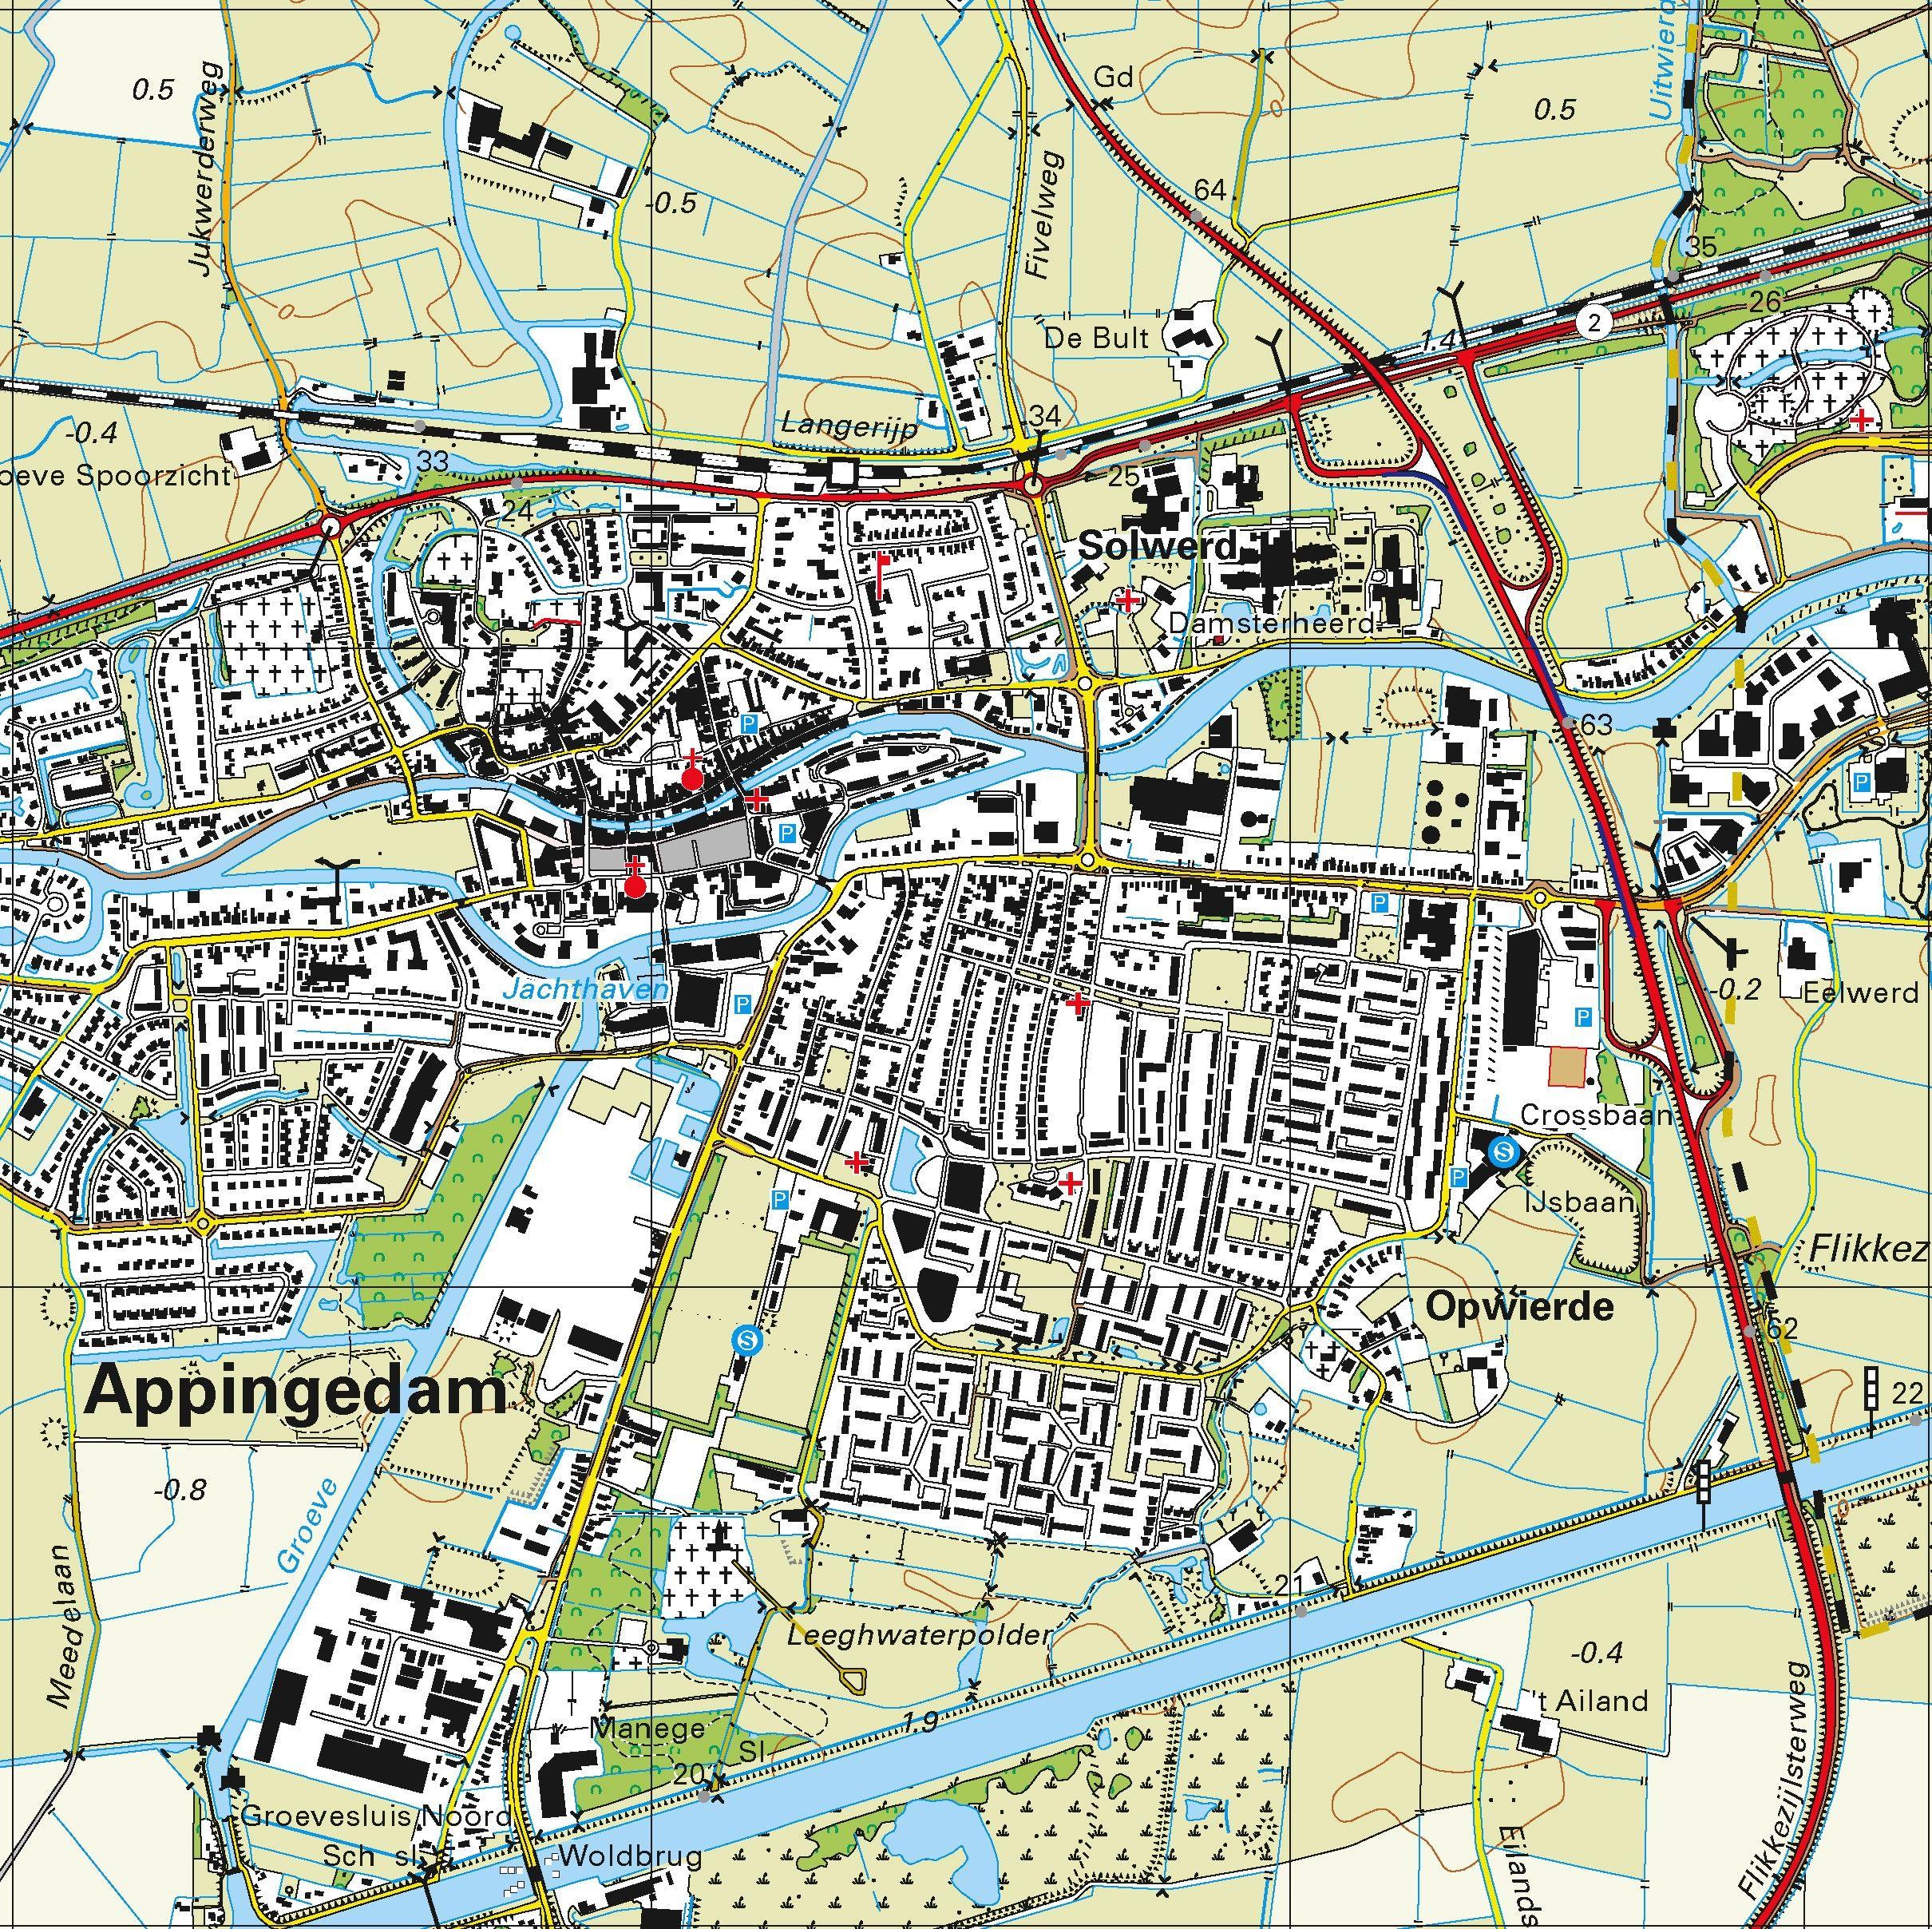 Topografische kaart schaal 1:25.000 (Delfzijl, Appingedam, Loppersum, Uithuizen, Ten Boer)